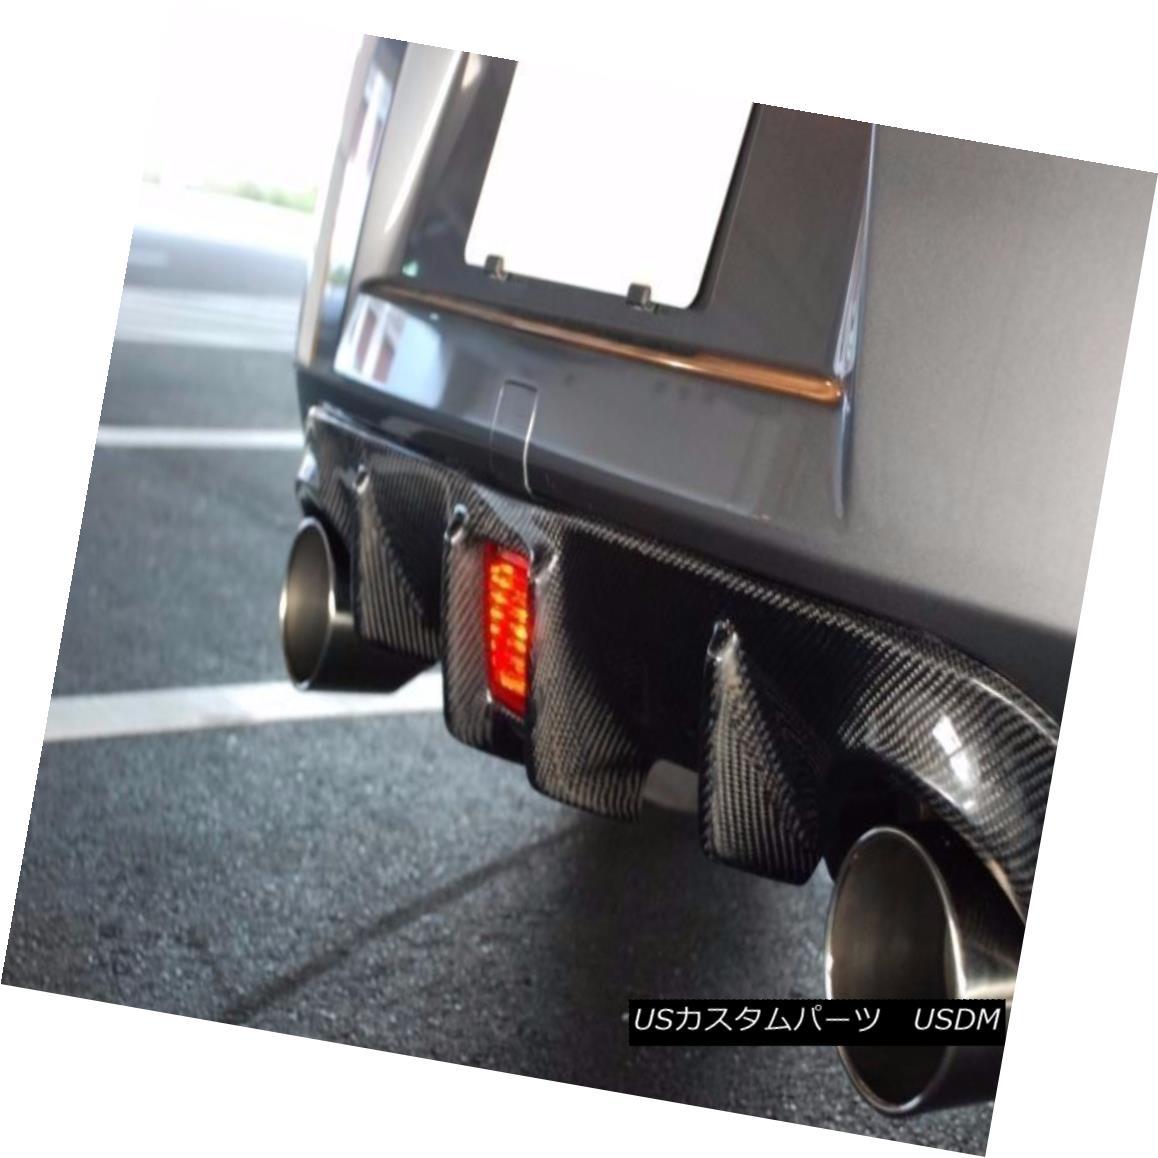 エアロパーツ Carbon Fiber For For Nissan 370z 370z Rear Bumper Diffuser Rear Lip Racing Spoiler Cover Kits 日産370z用カーボンファイバーリアバンパーディフューザーリップレーシングスポイラーカバーキット, キッチン応援隊!ラッキークィーン:44927d53 --- officewill.xsrv.jp